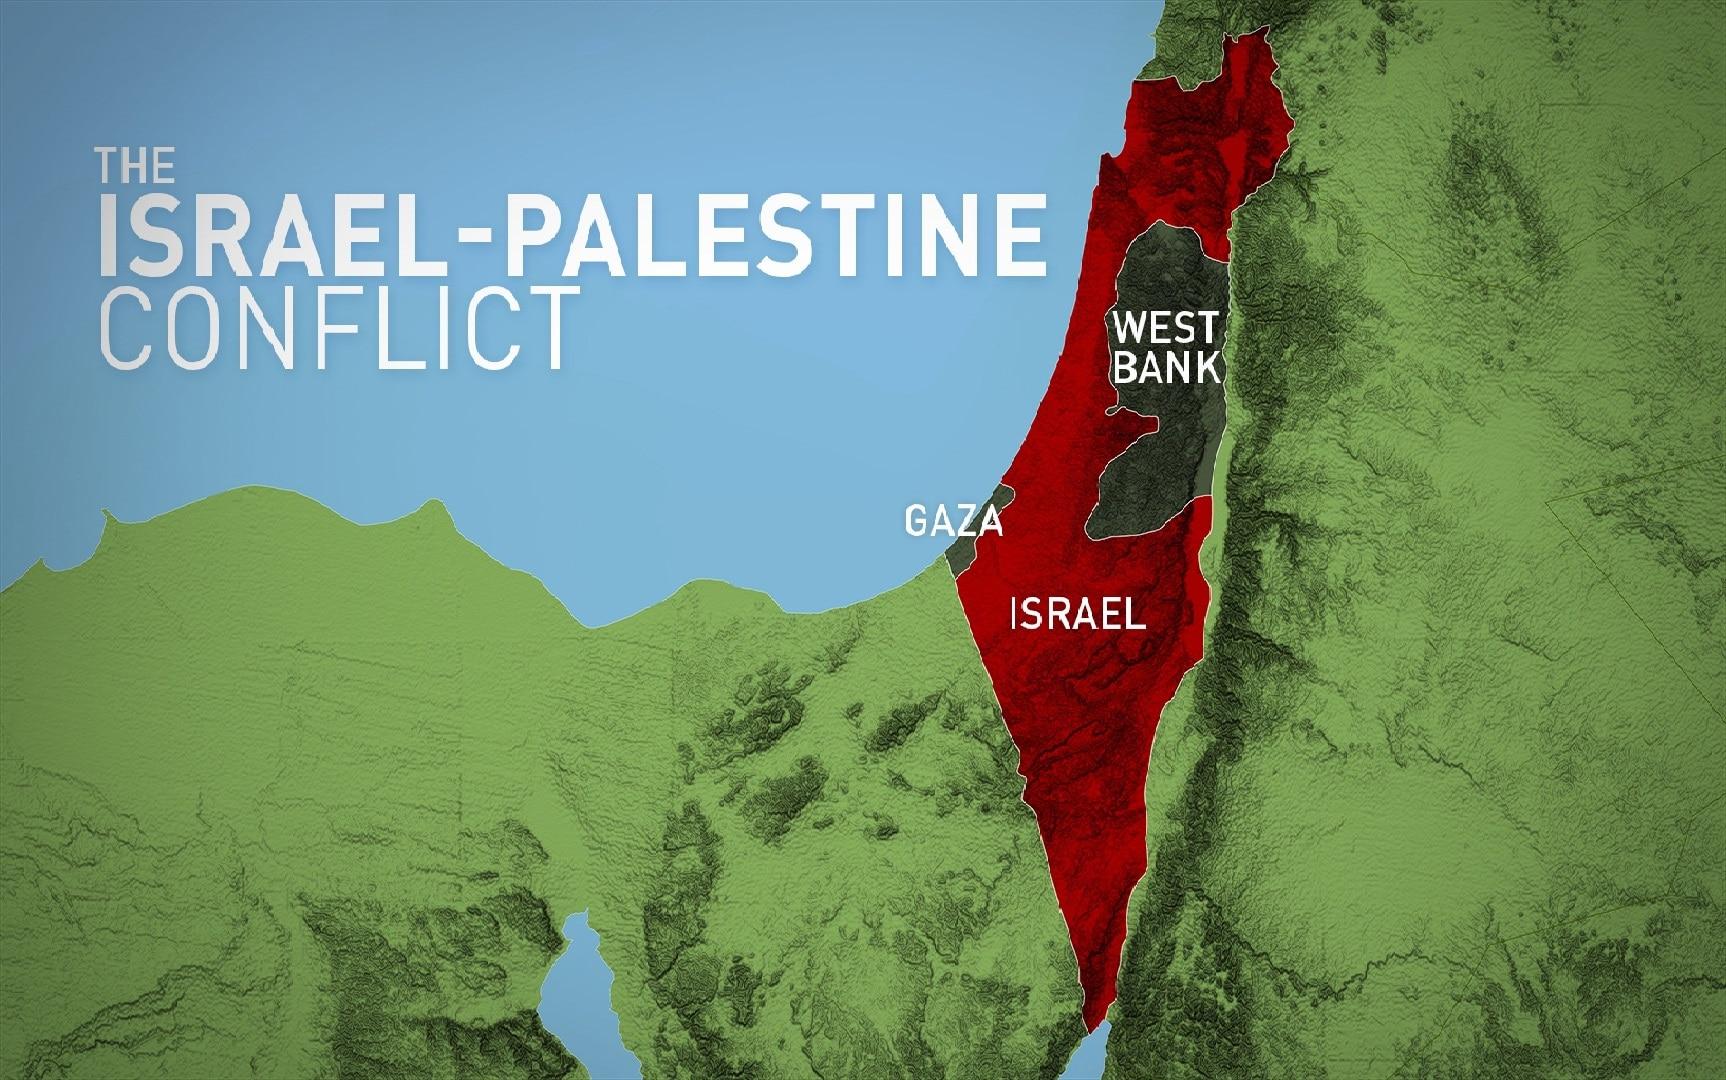 Tại sao xung đột Palestine – Israel vẫn bế tắc?